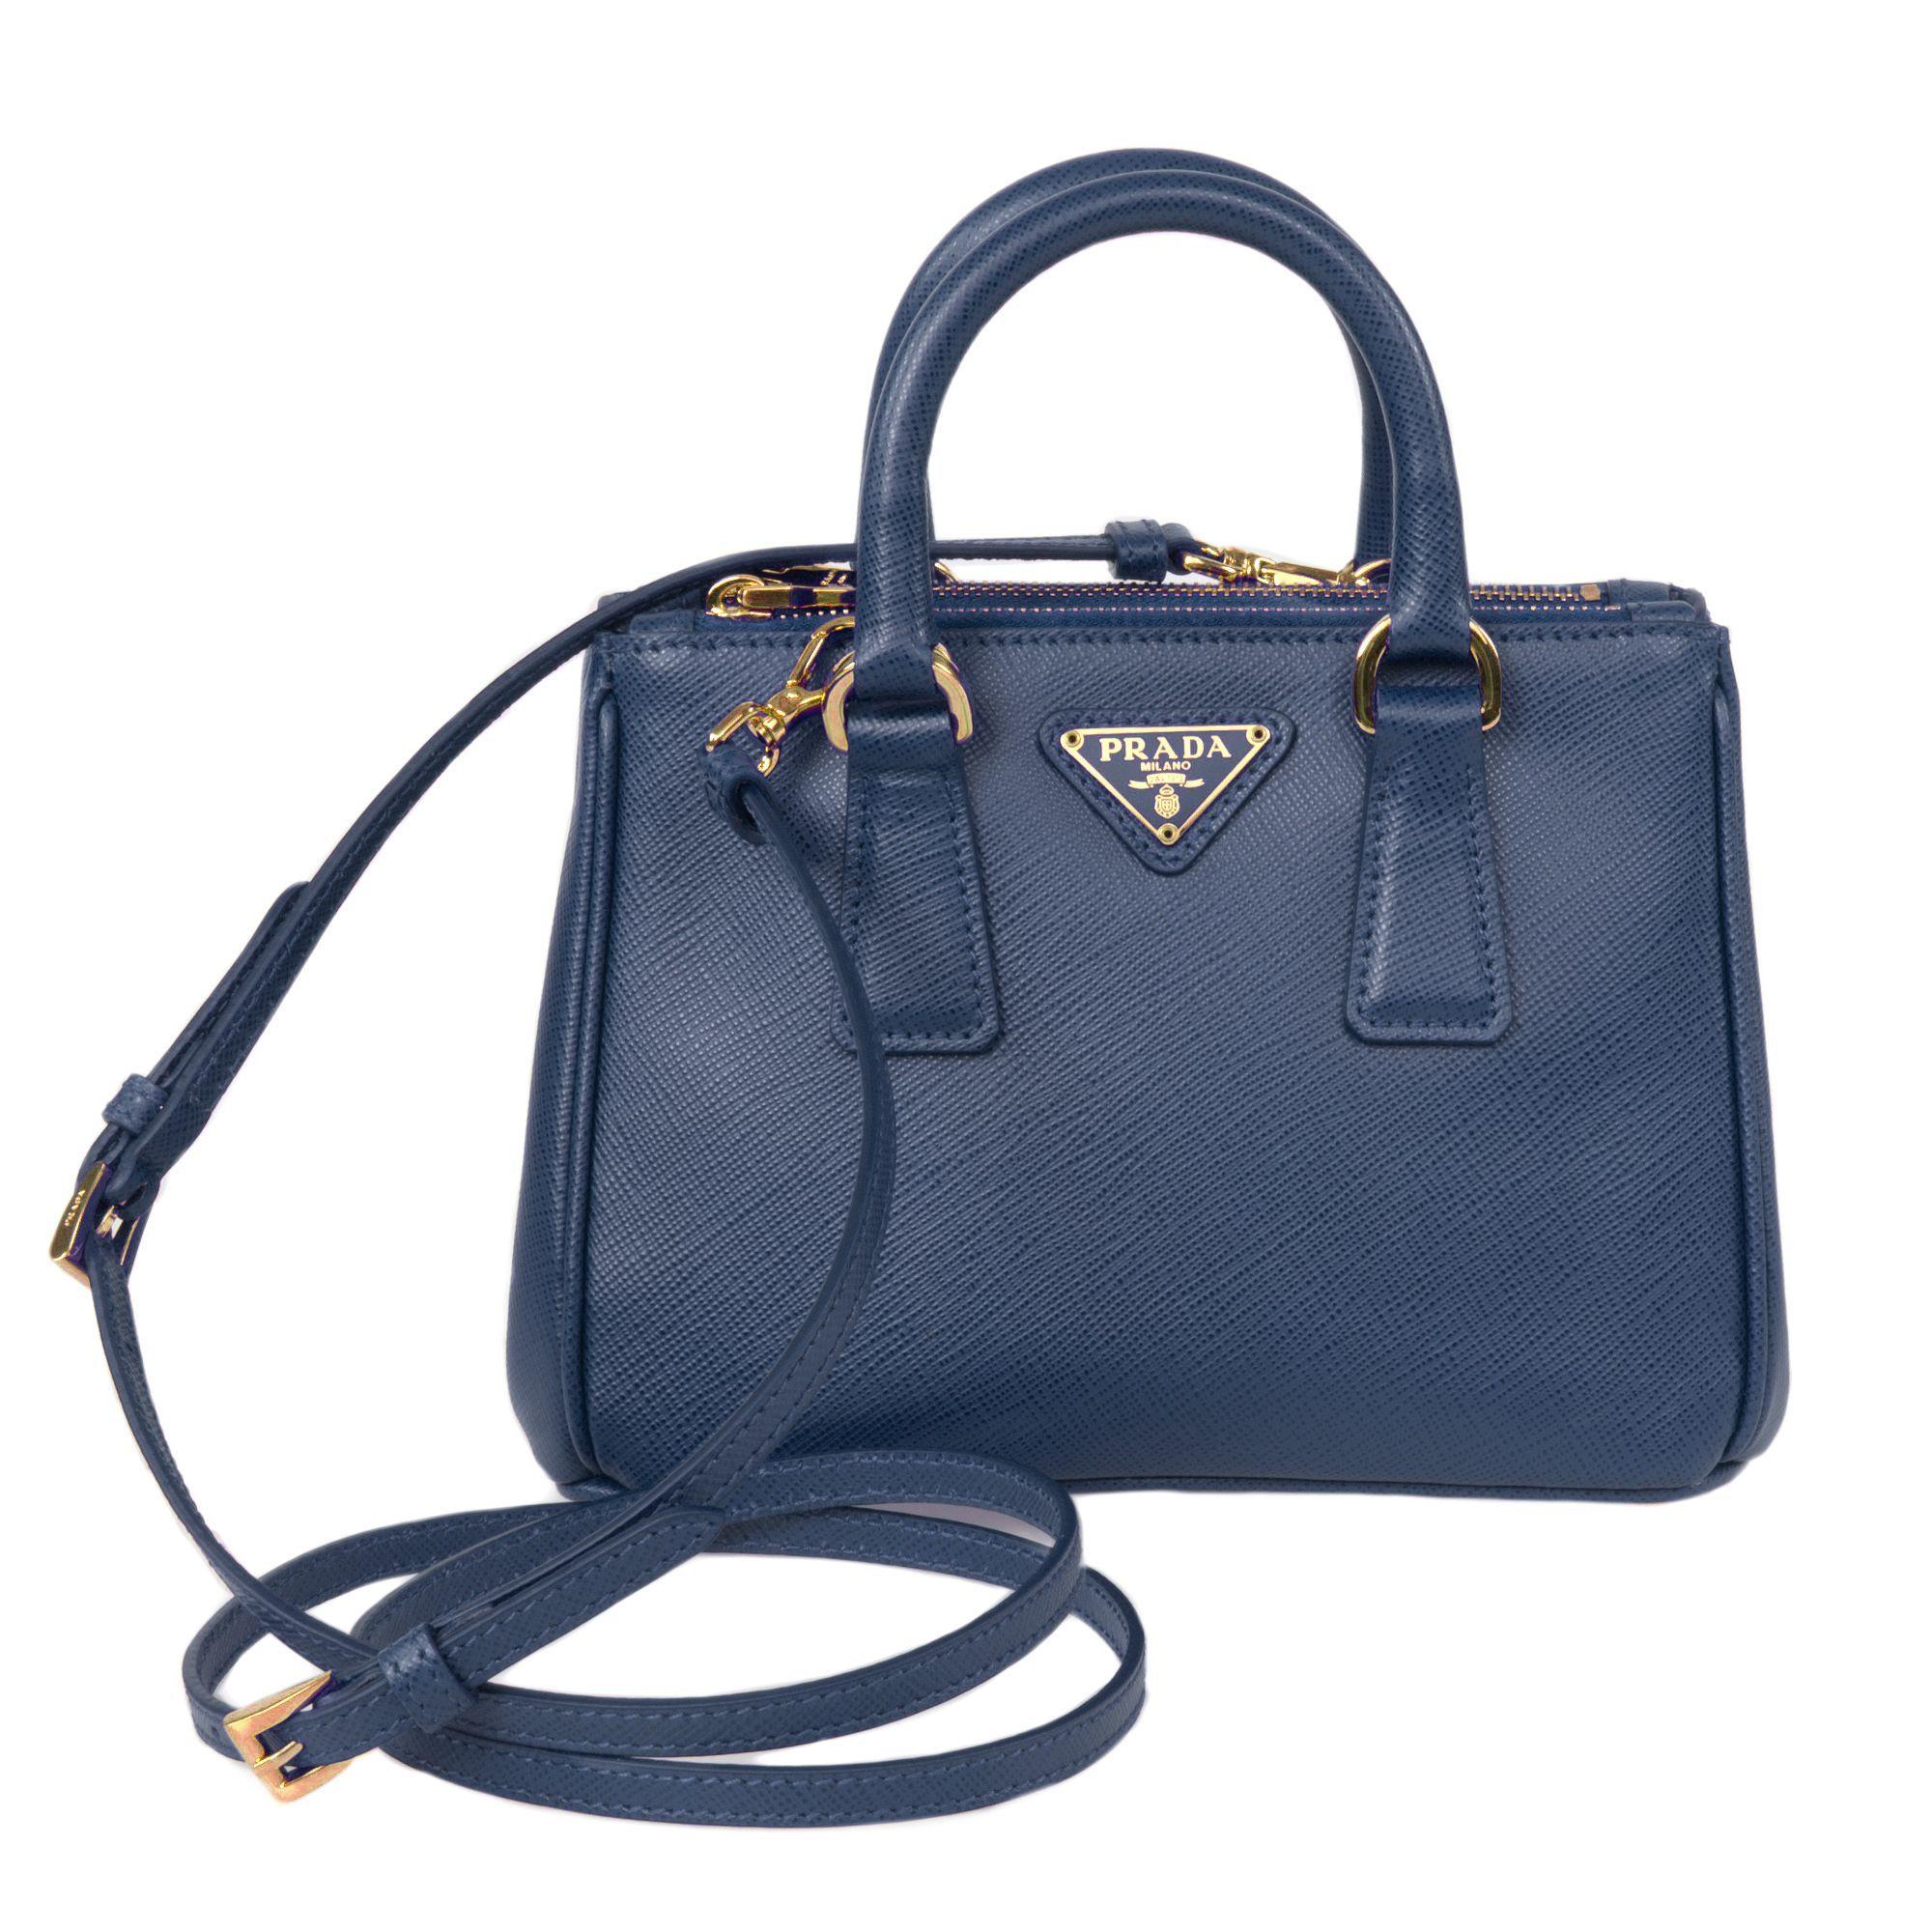 d867a5113e45 Prada Galleria Saffiano Light Mini Bag